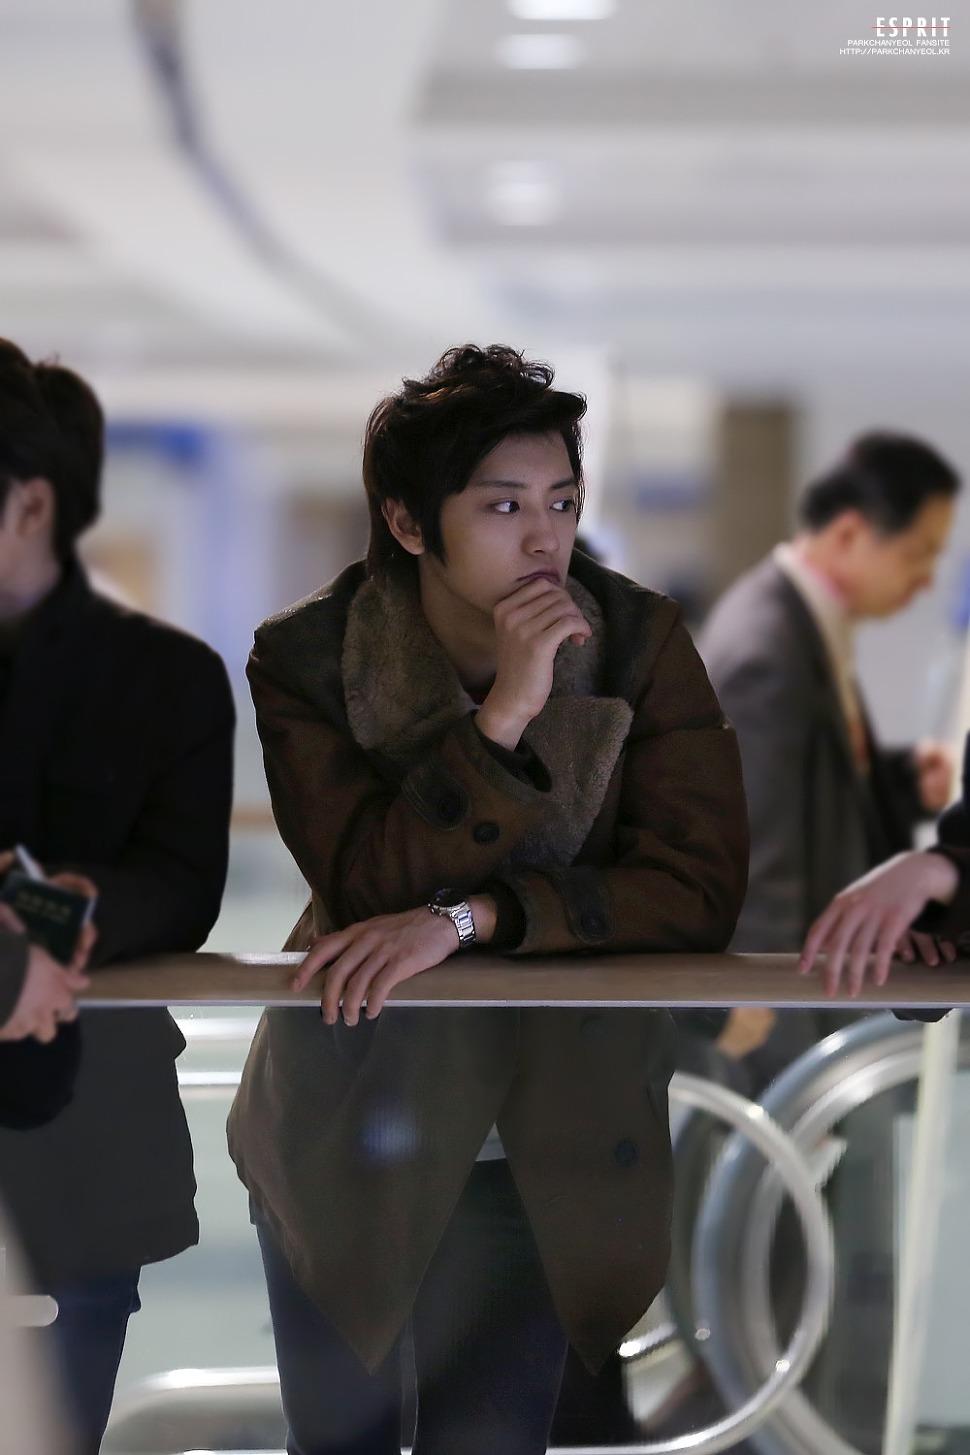 照片的主角...居然是...EXO 的燦烈耶!